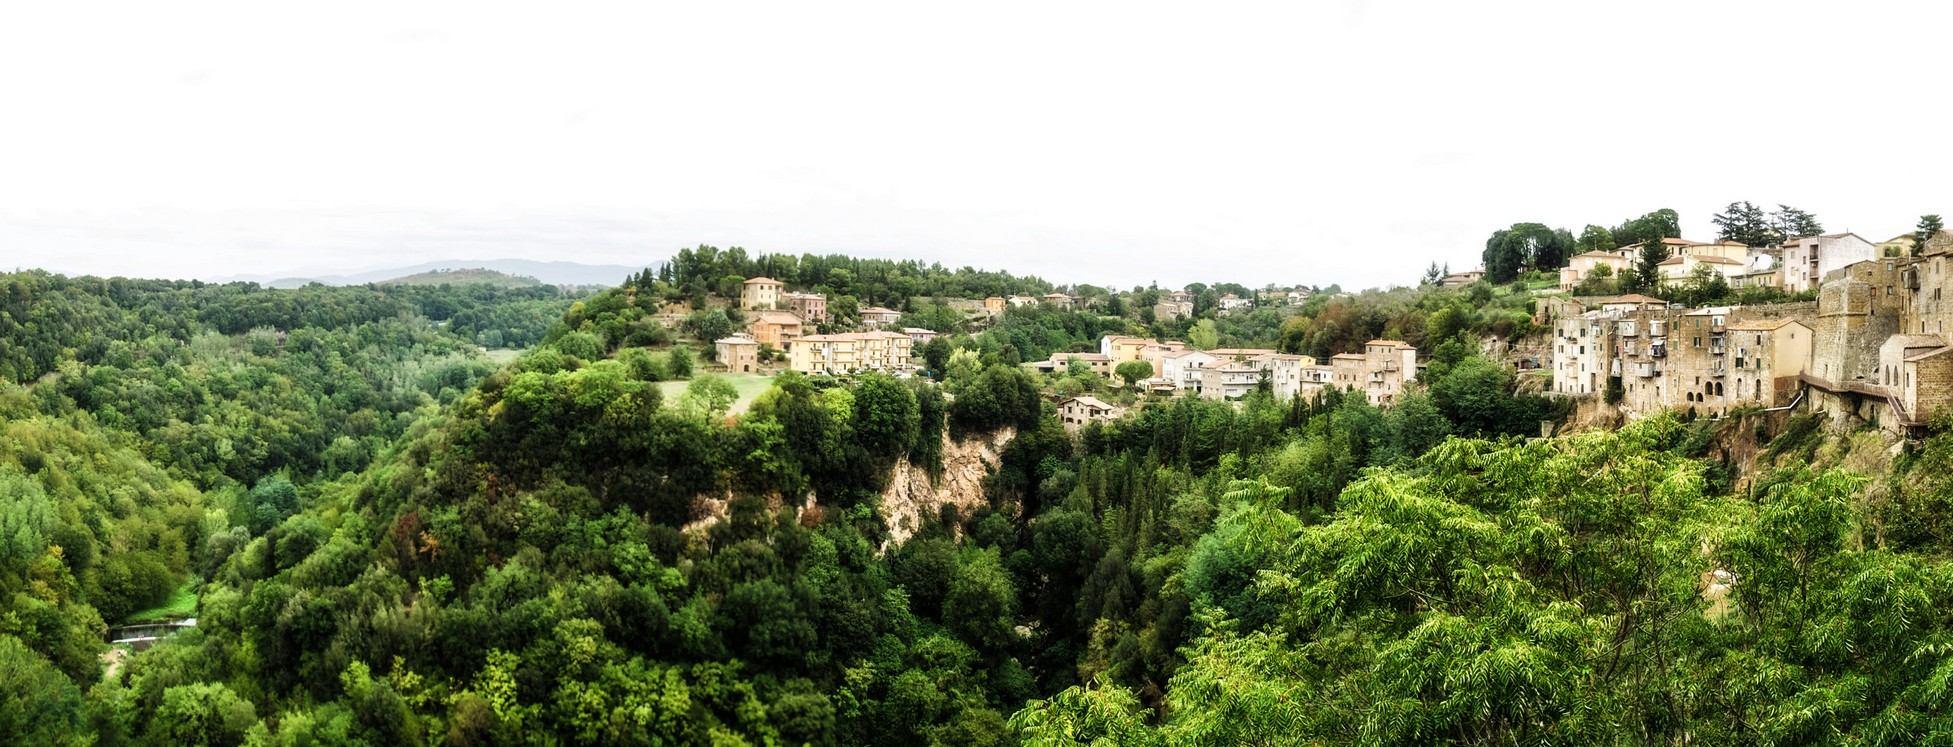 16 Val Dorcia Italië 130 x 50 cm ( 312€)